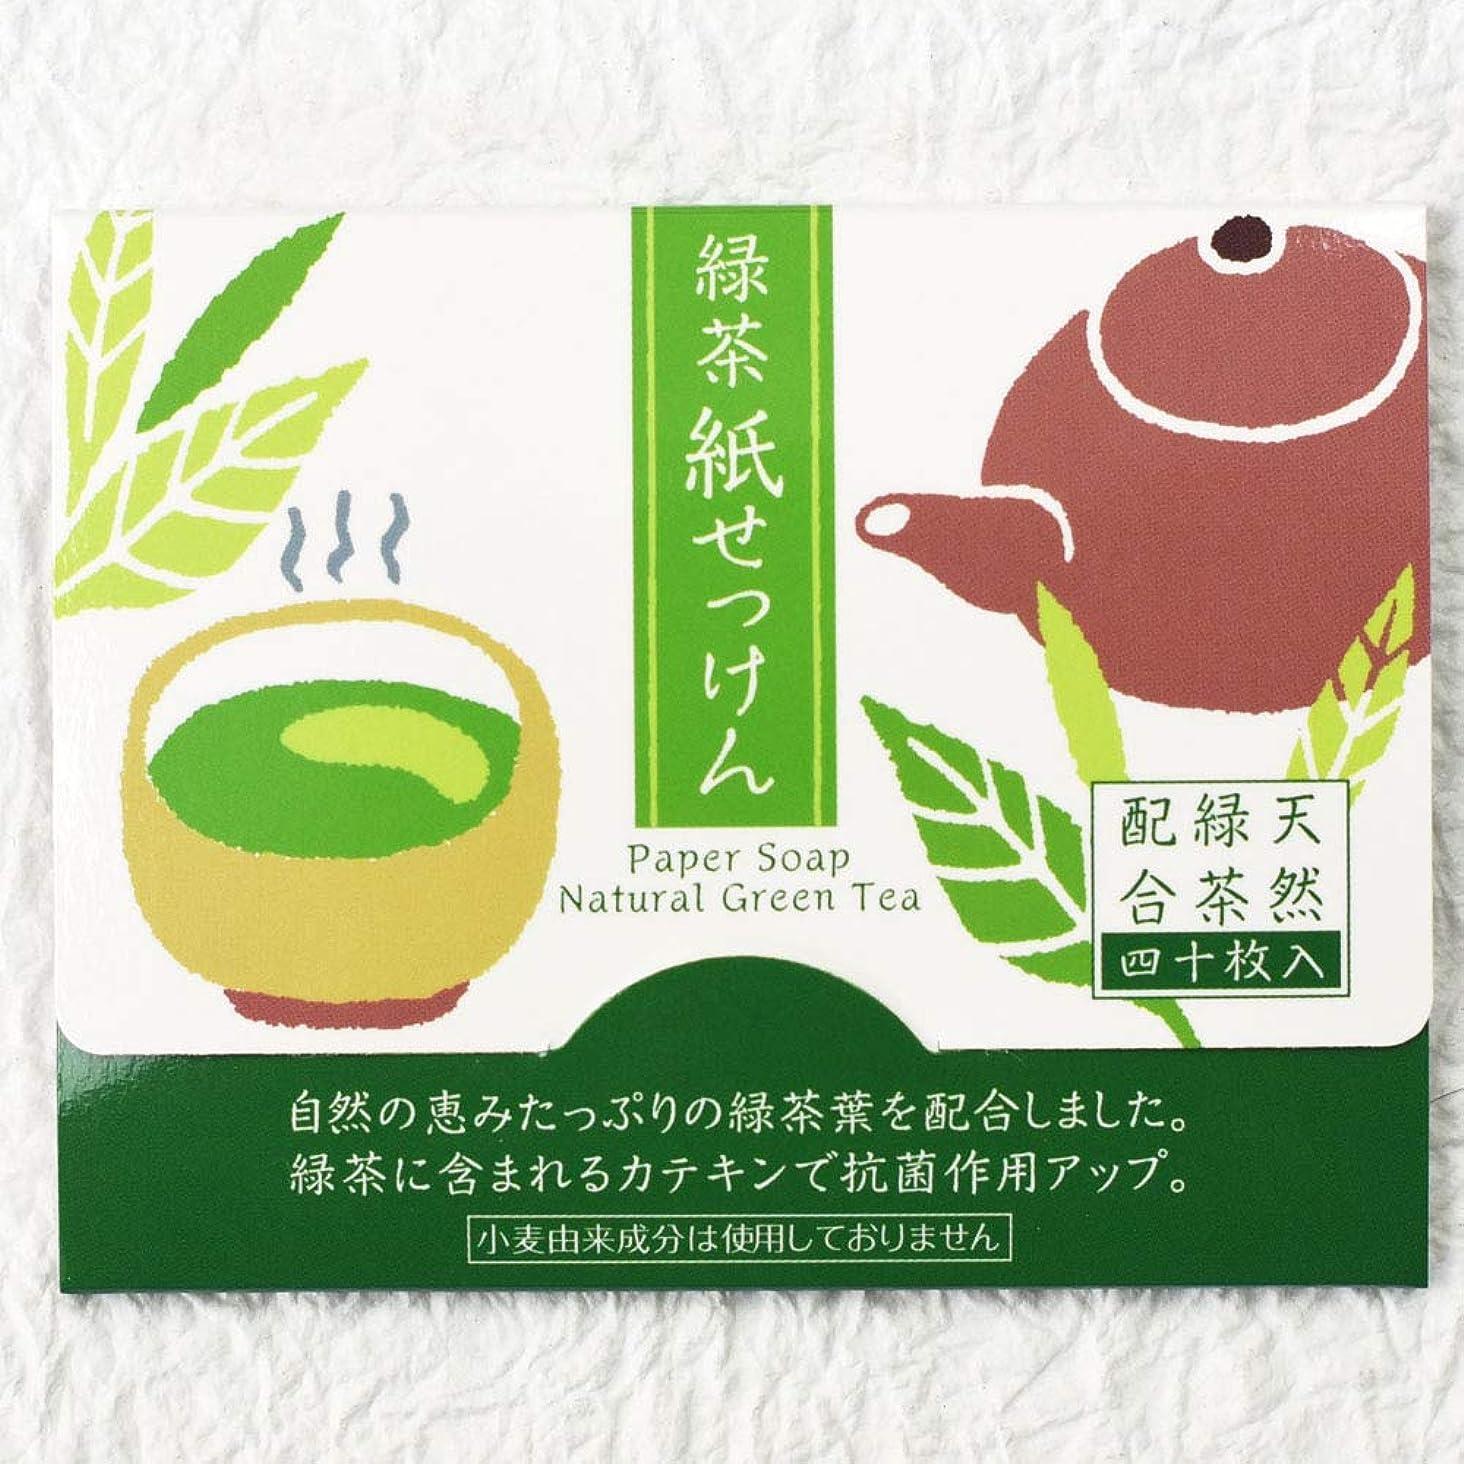 外部酸集団表現社 紙せっけん 天然緑茶配合 22-289